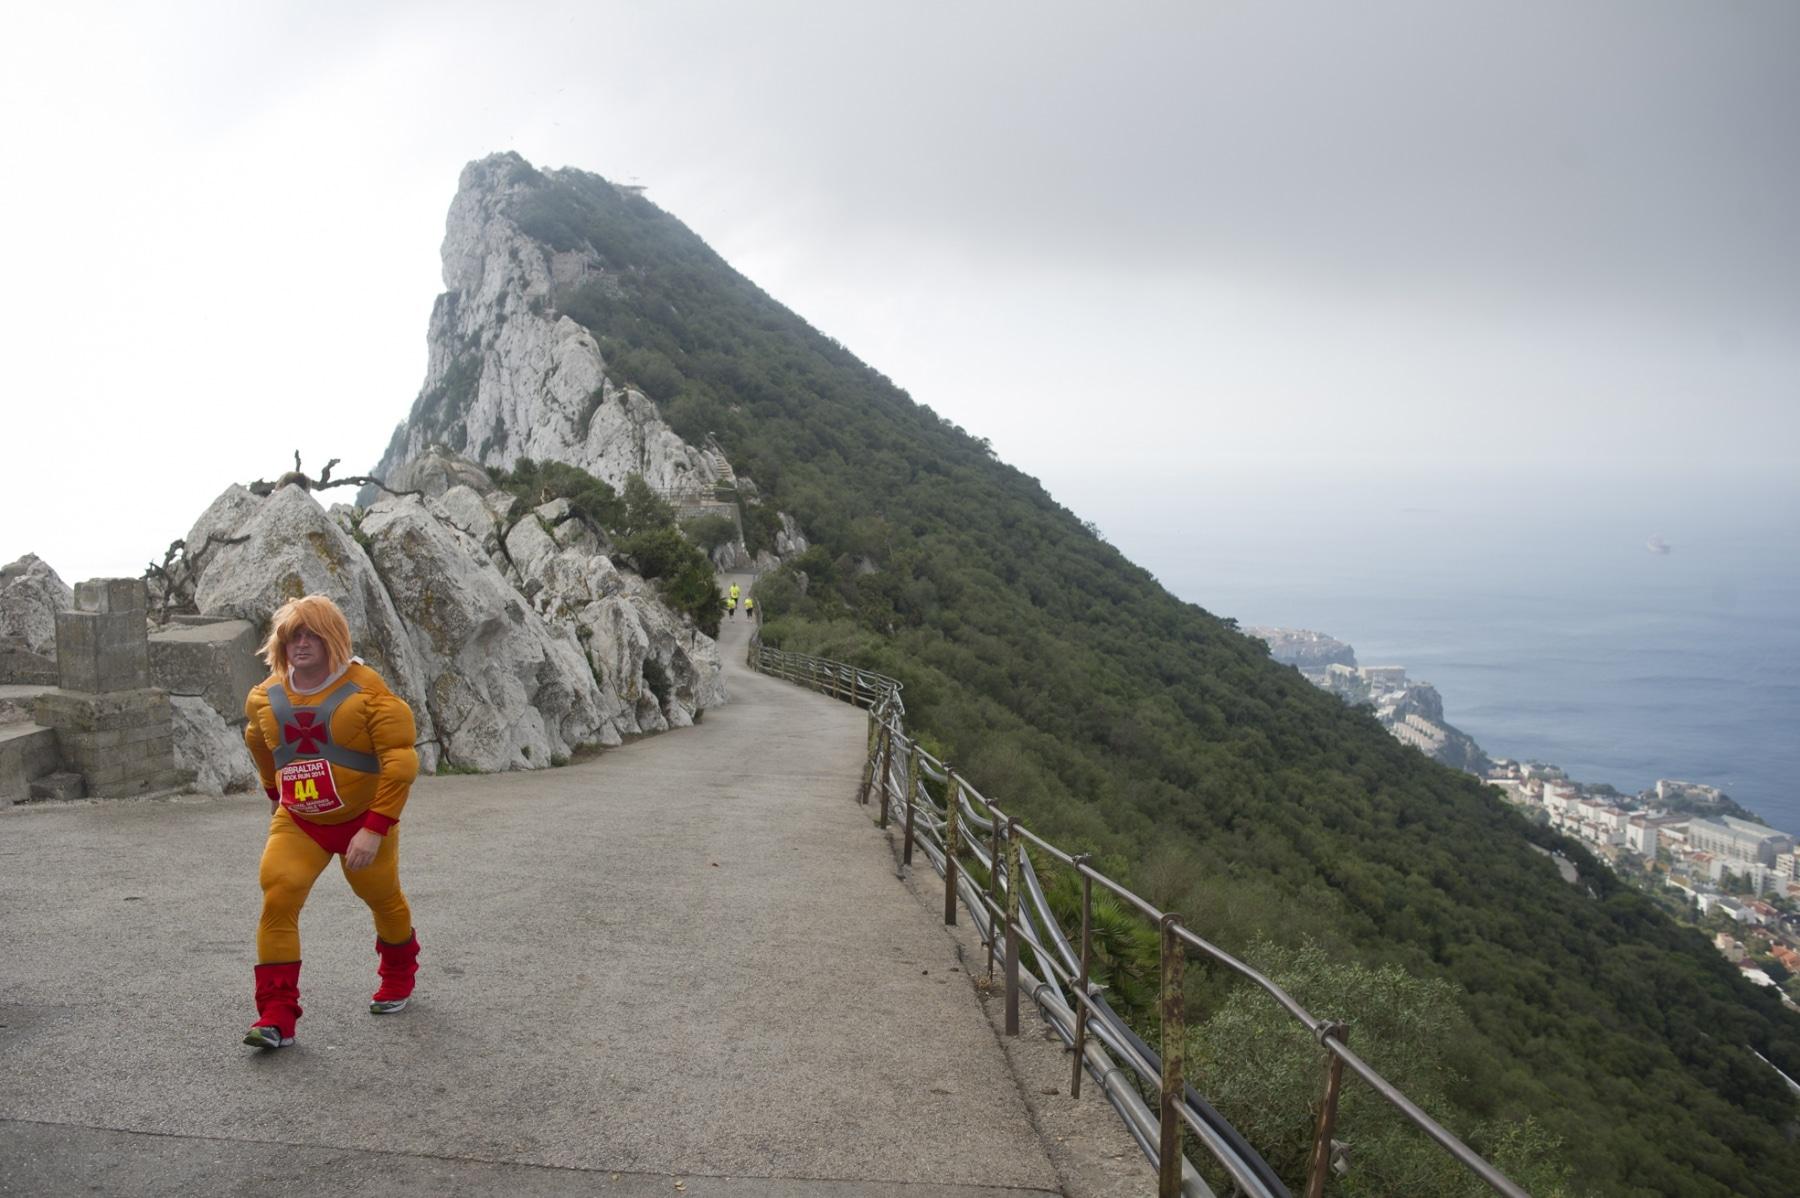 henry-cavill-en-la-carrera-del-350-aniversario-de-los-royal-marines-en-gibraltar-25-octubre-201439_15623709805_o